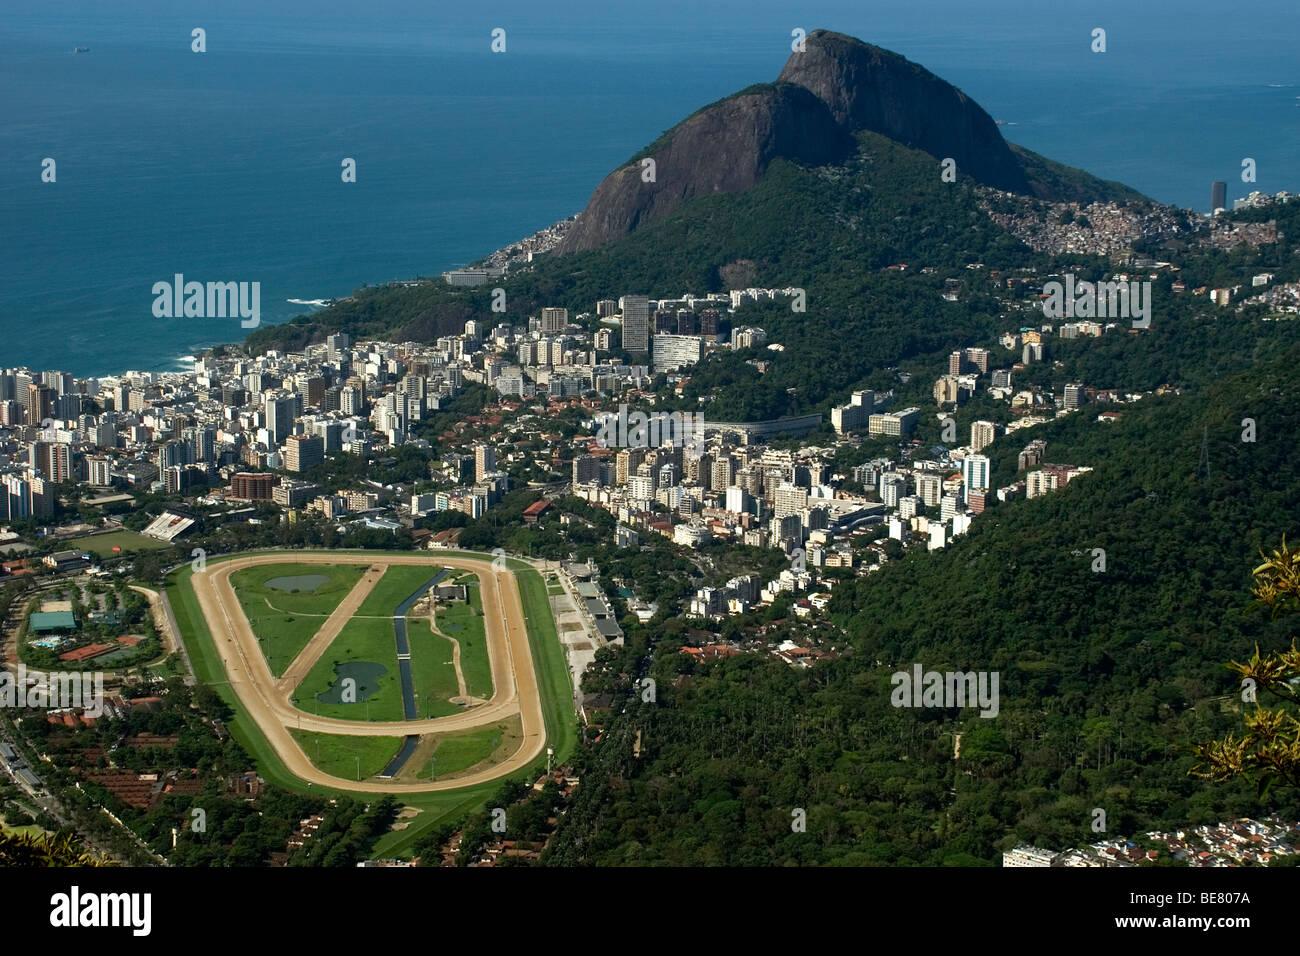 Vue aérienne du quartier de Gavea, Jockey Club et colline Dois Irmãos, Rio de Janeiro, Brésil Photo Stock